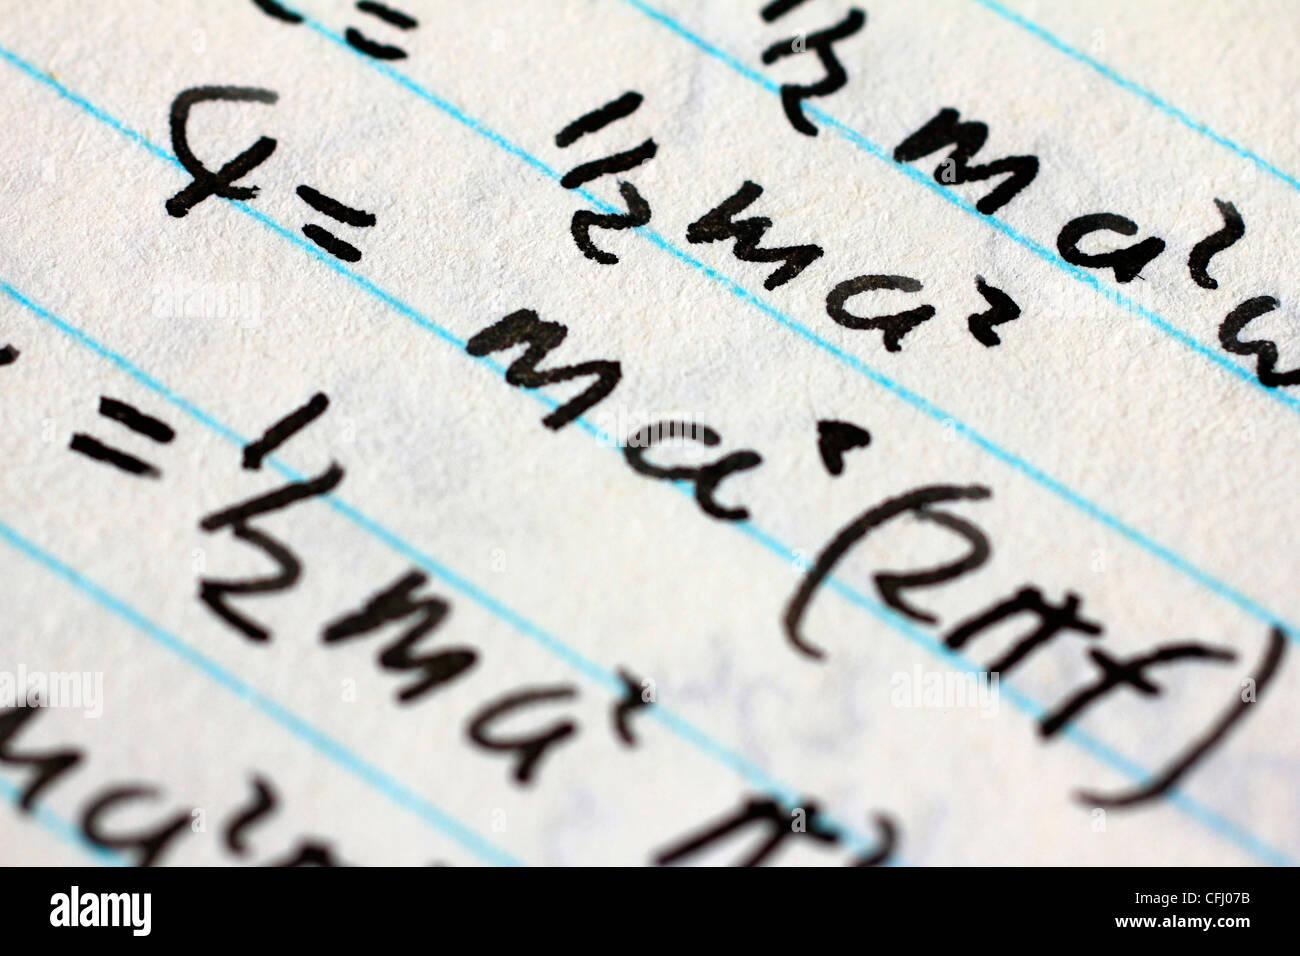 Mathematische Gleichungen auf einem weißen Blatt Papier Stockfoto